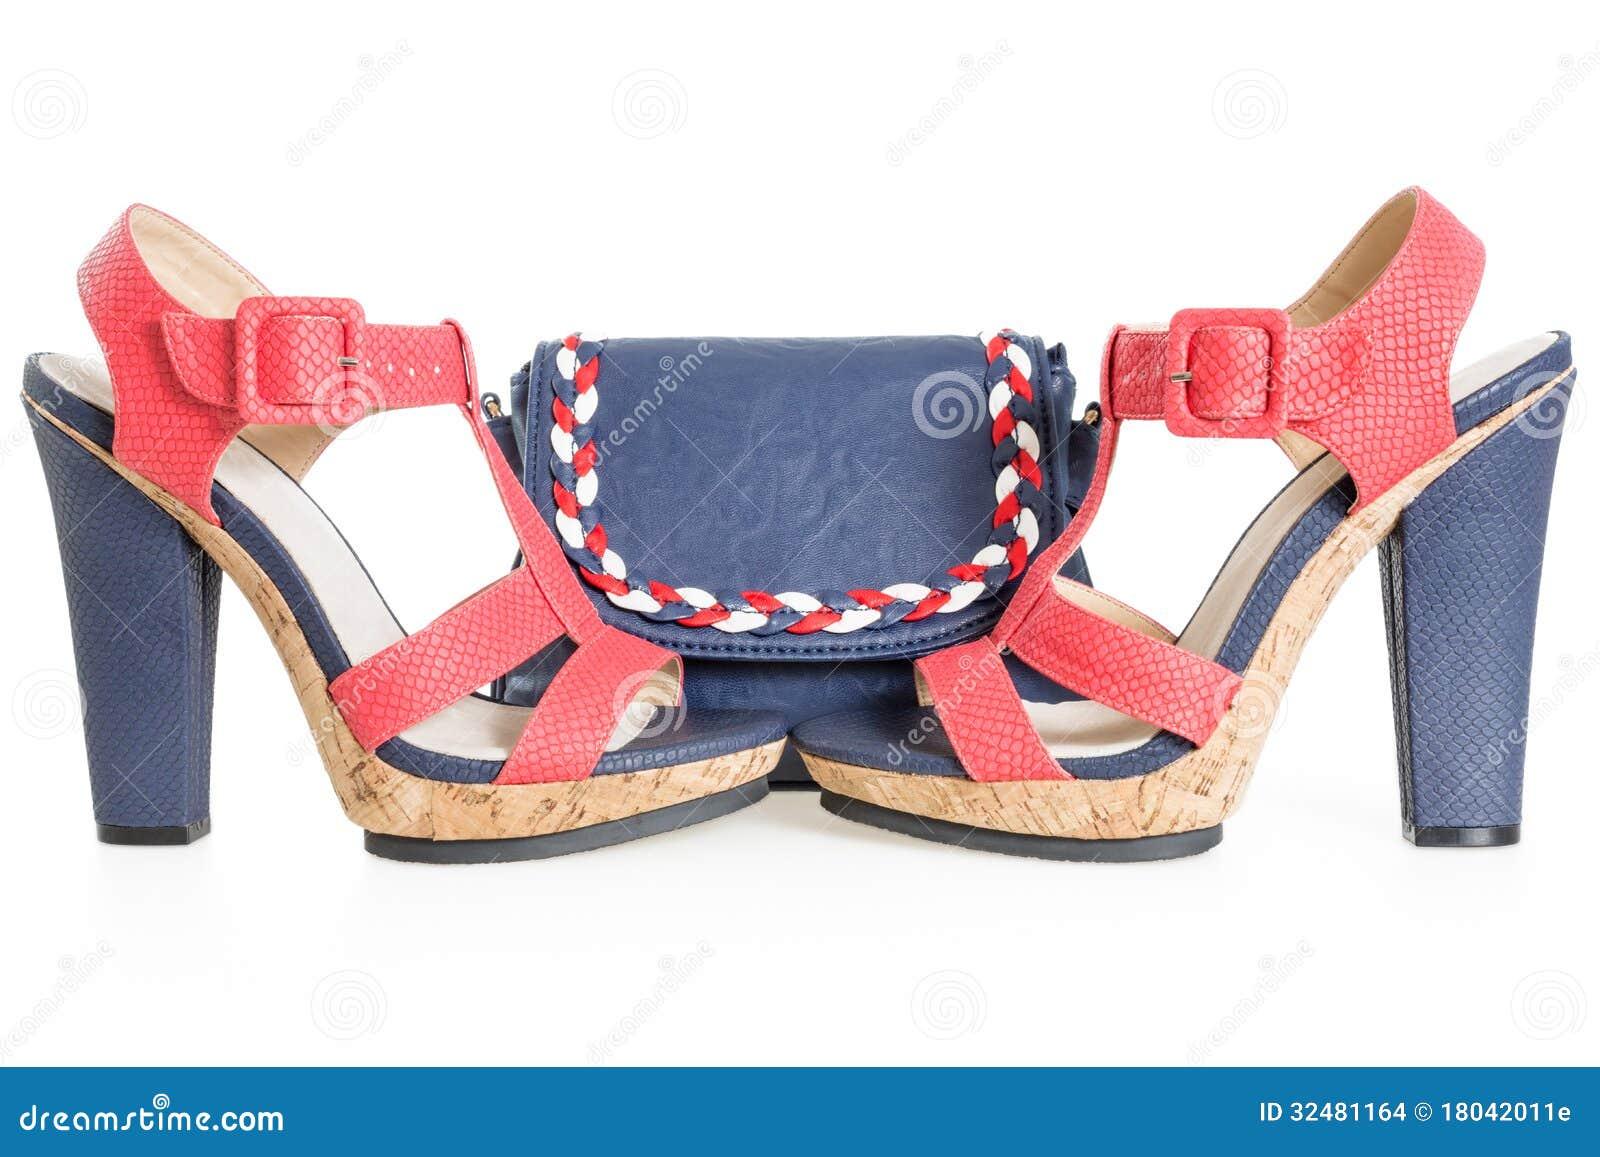 el con de marinos de los moda zapatos del y Pele de azules los rojo 4w8Uq6qO